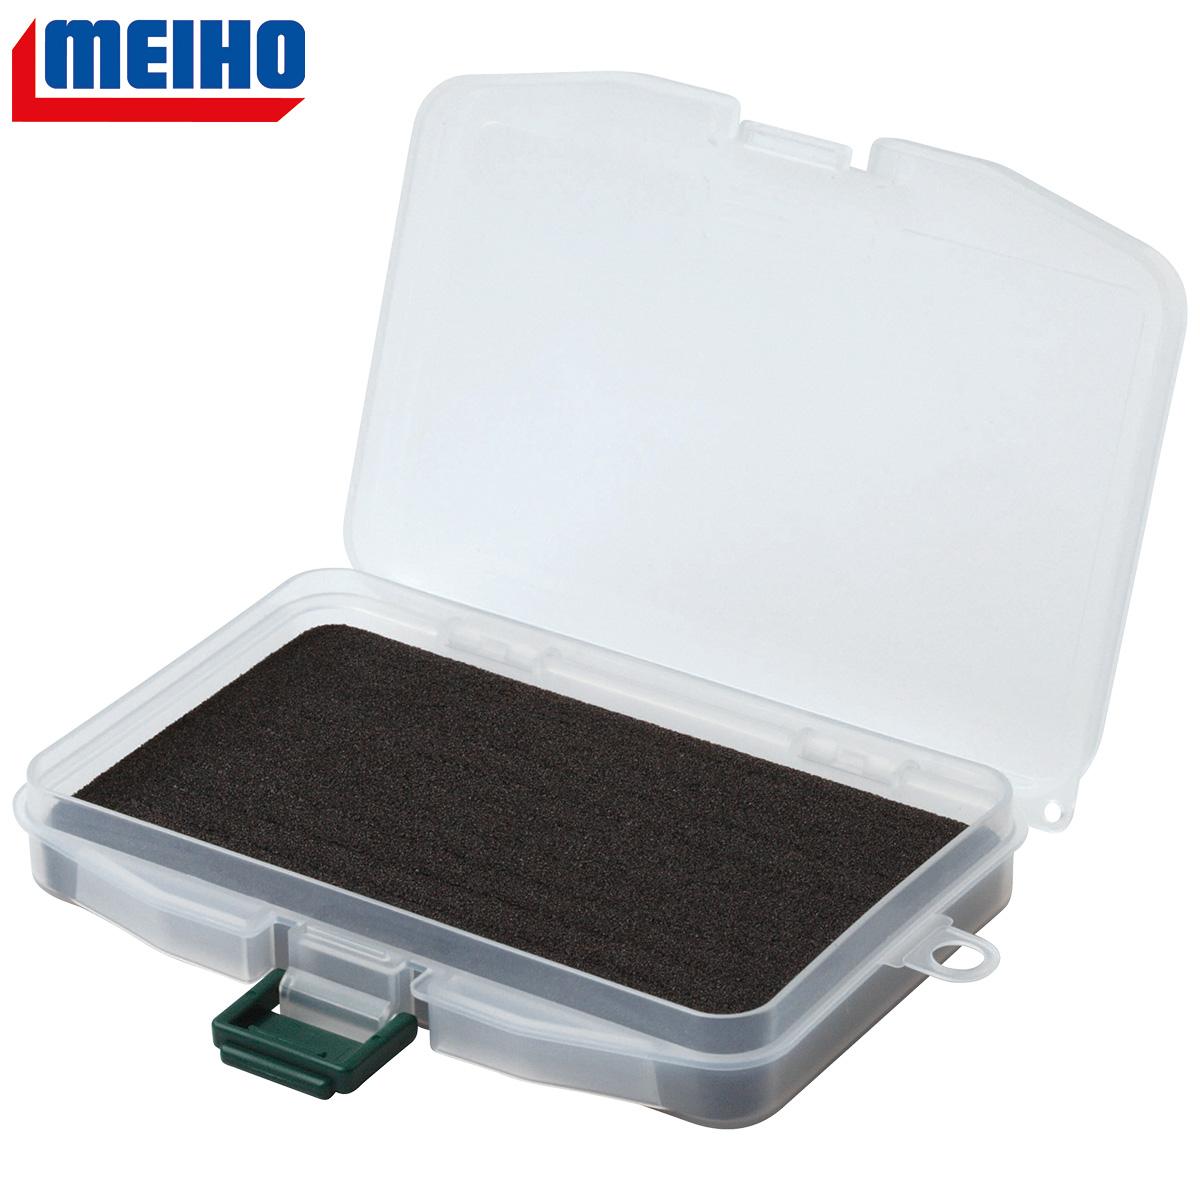 MEIHO Slit Form Case F-9 Köderbox mit geschlitzter Hartschaumeinlage